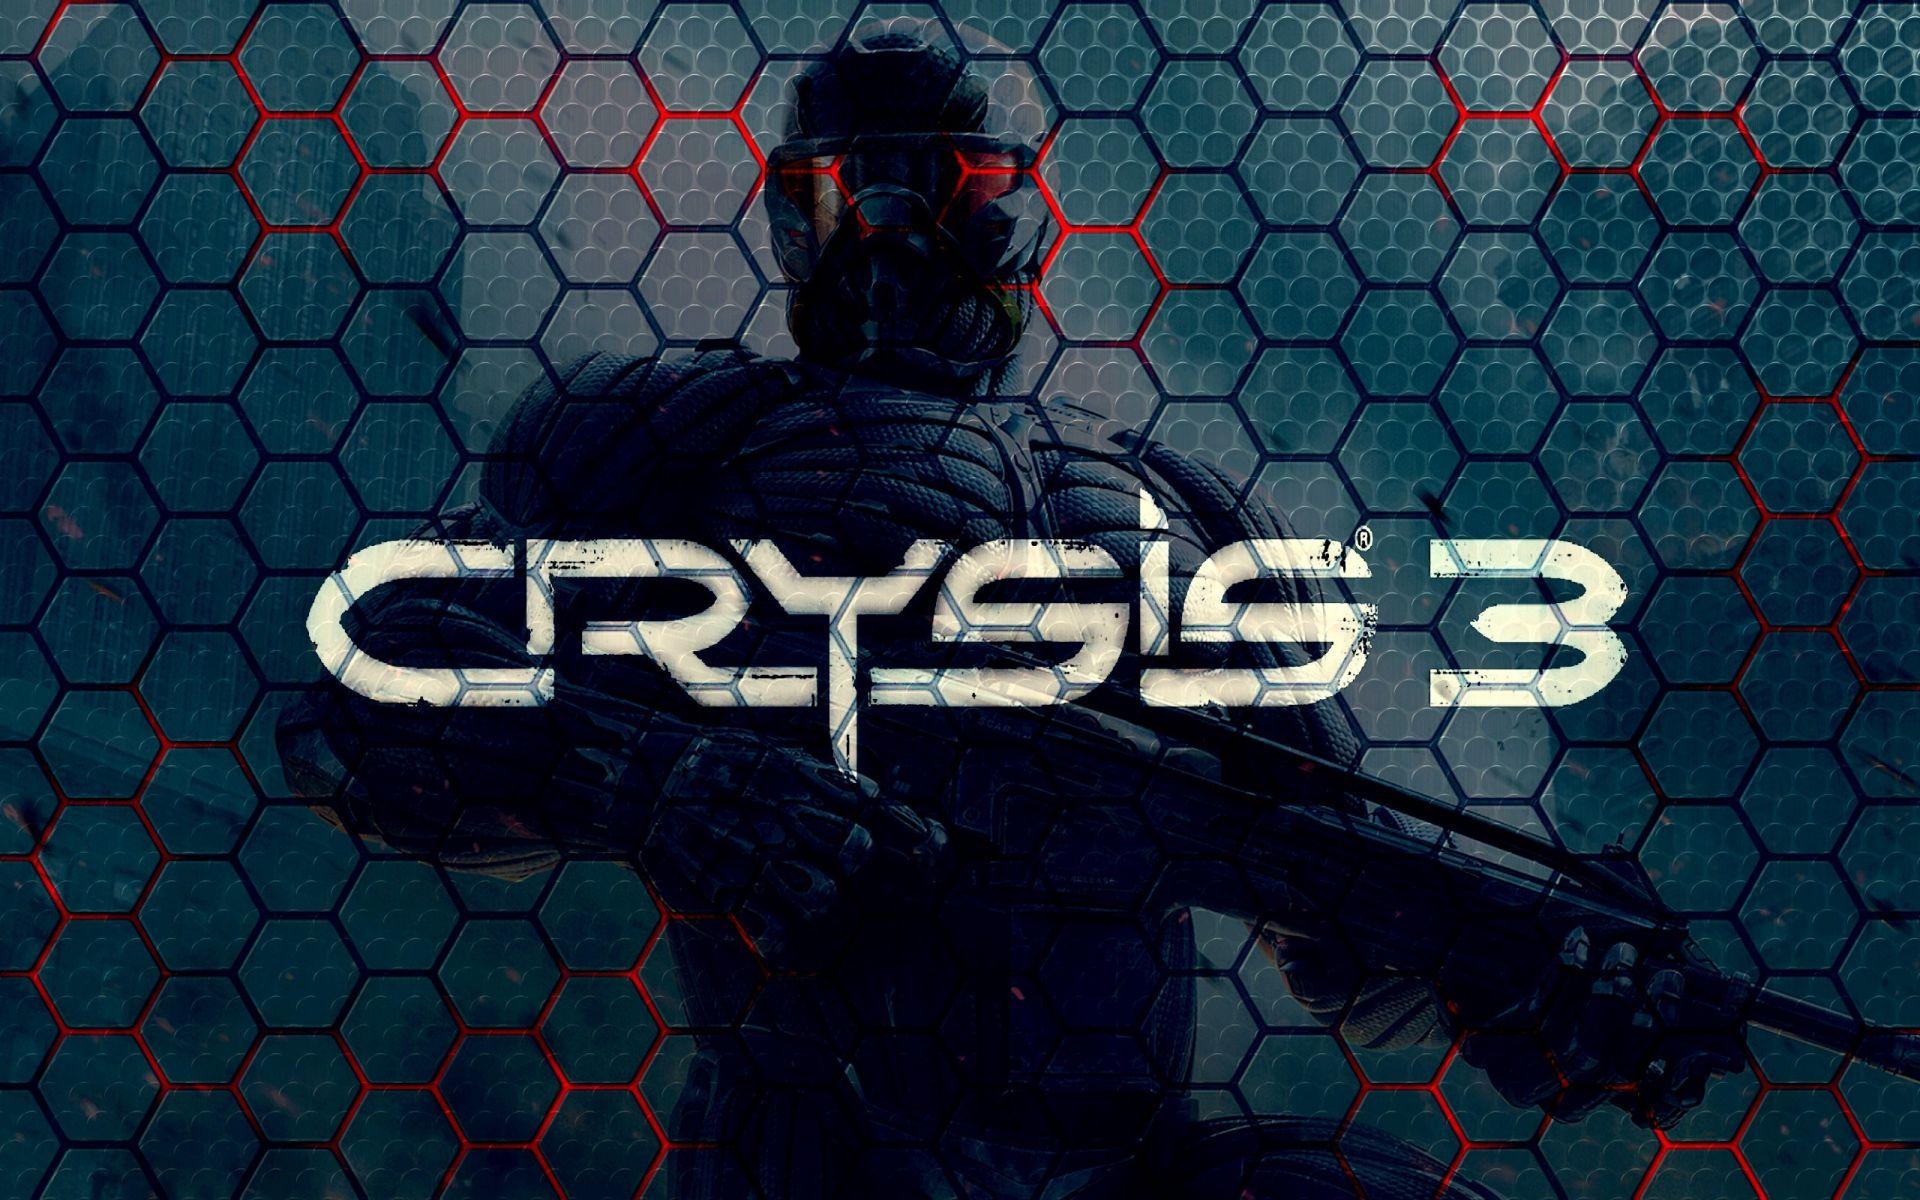 crysis_3 23012013